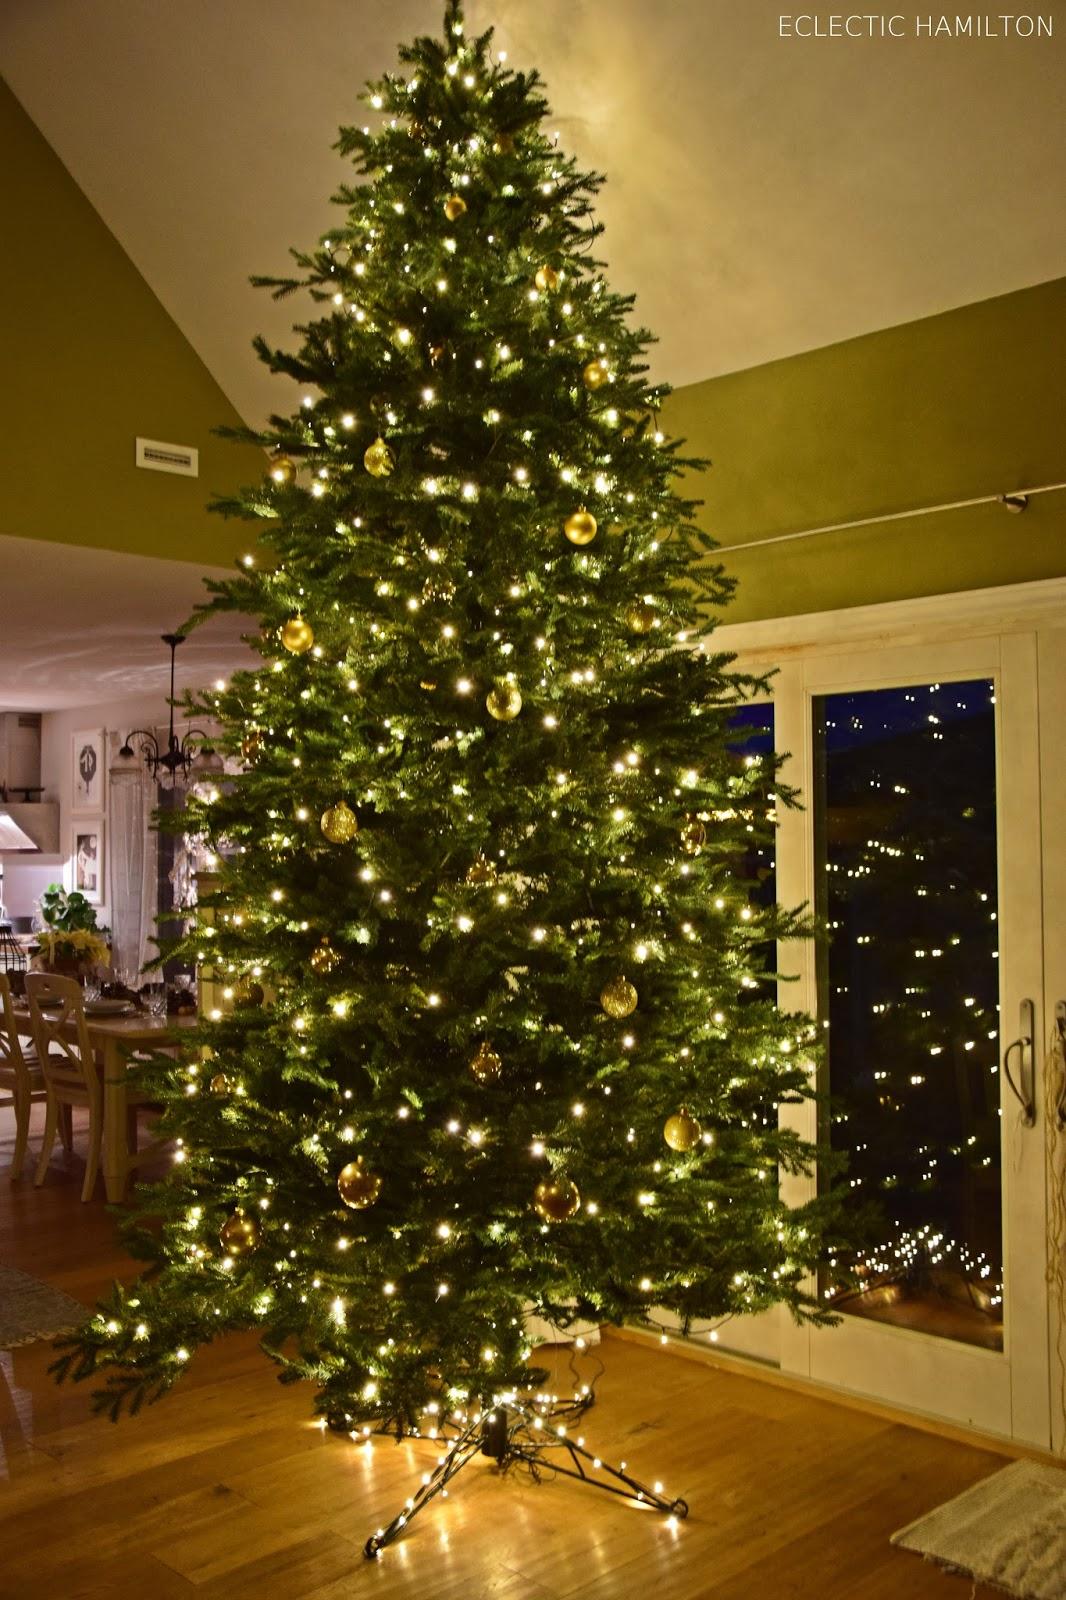 Mein 4 Meter hoher Weihnachtsbaum, Baum, Christbaum, Weihnachtsbaum, Deko, Dekoration, Weihnachtsdeko